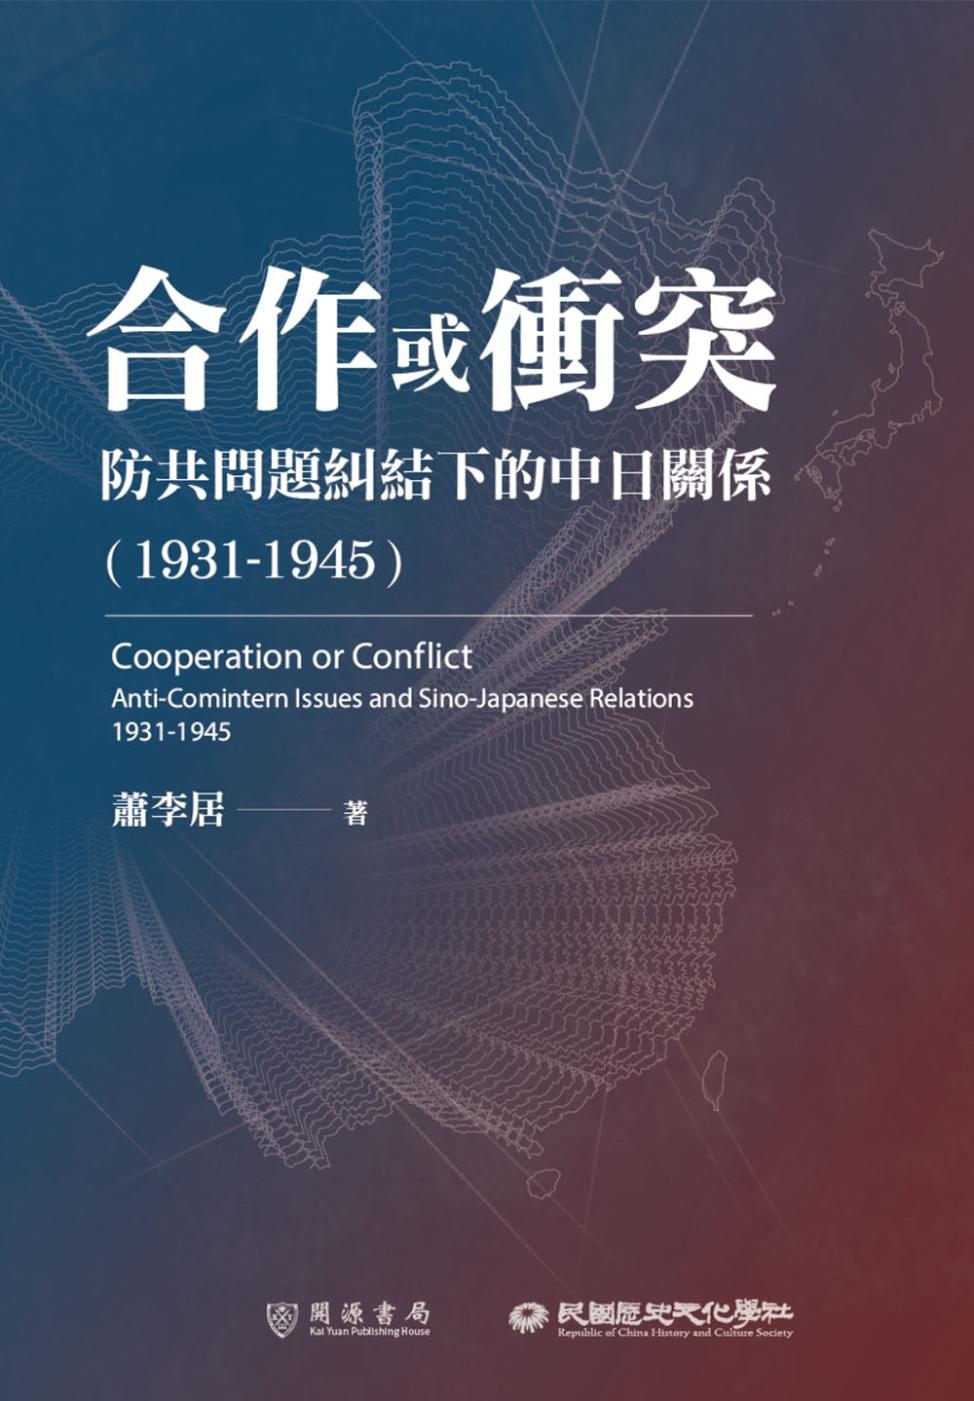 合作或衝突:防共問題糾結下的中...